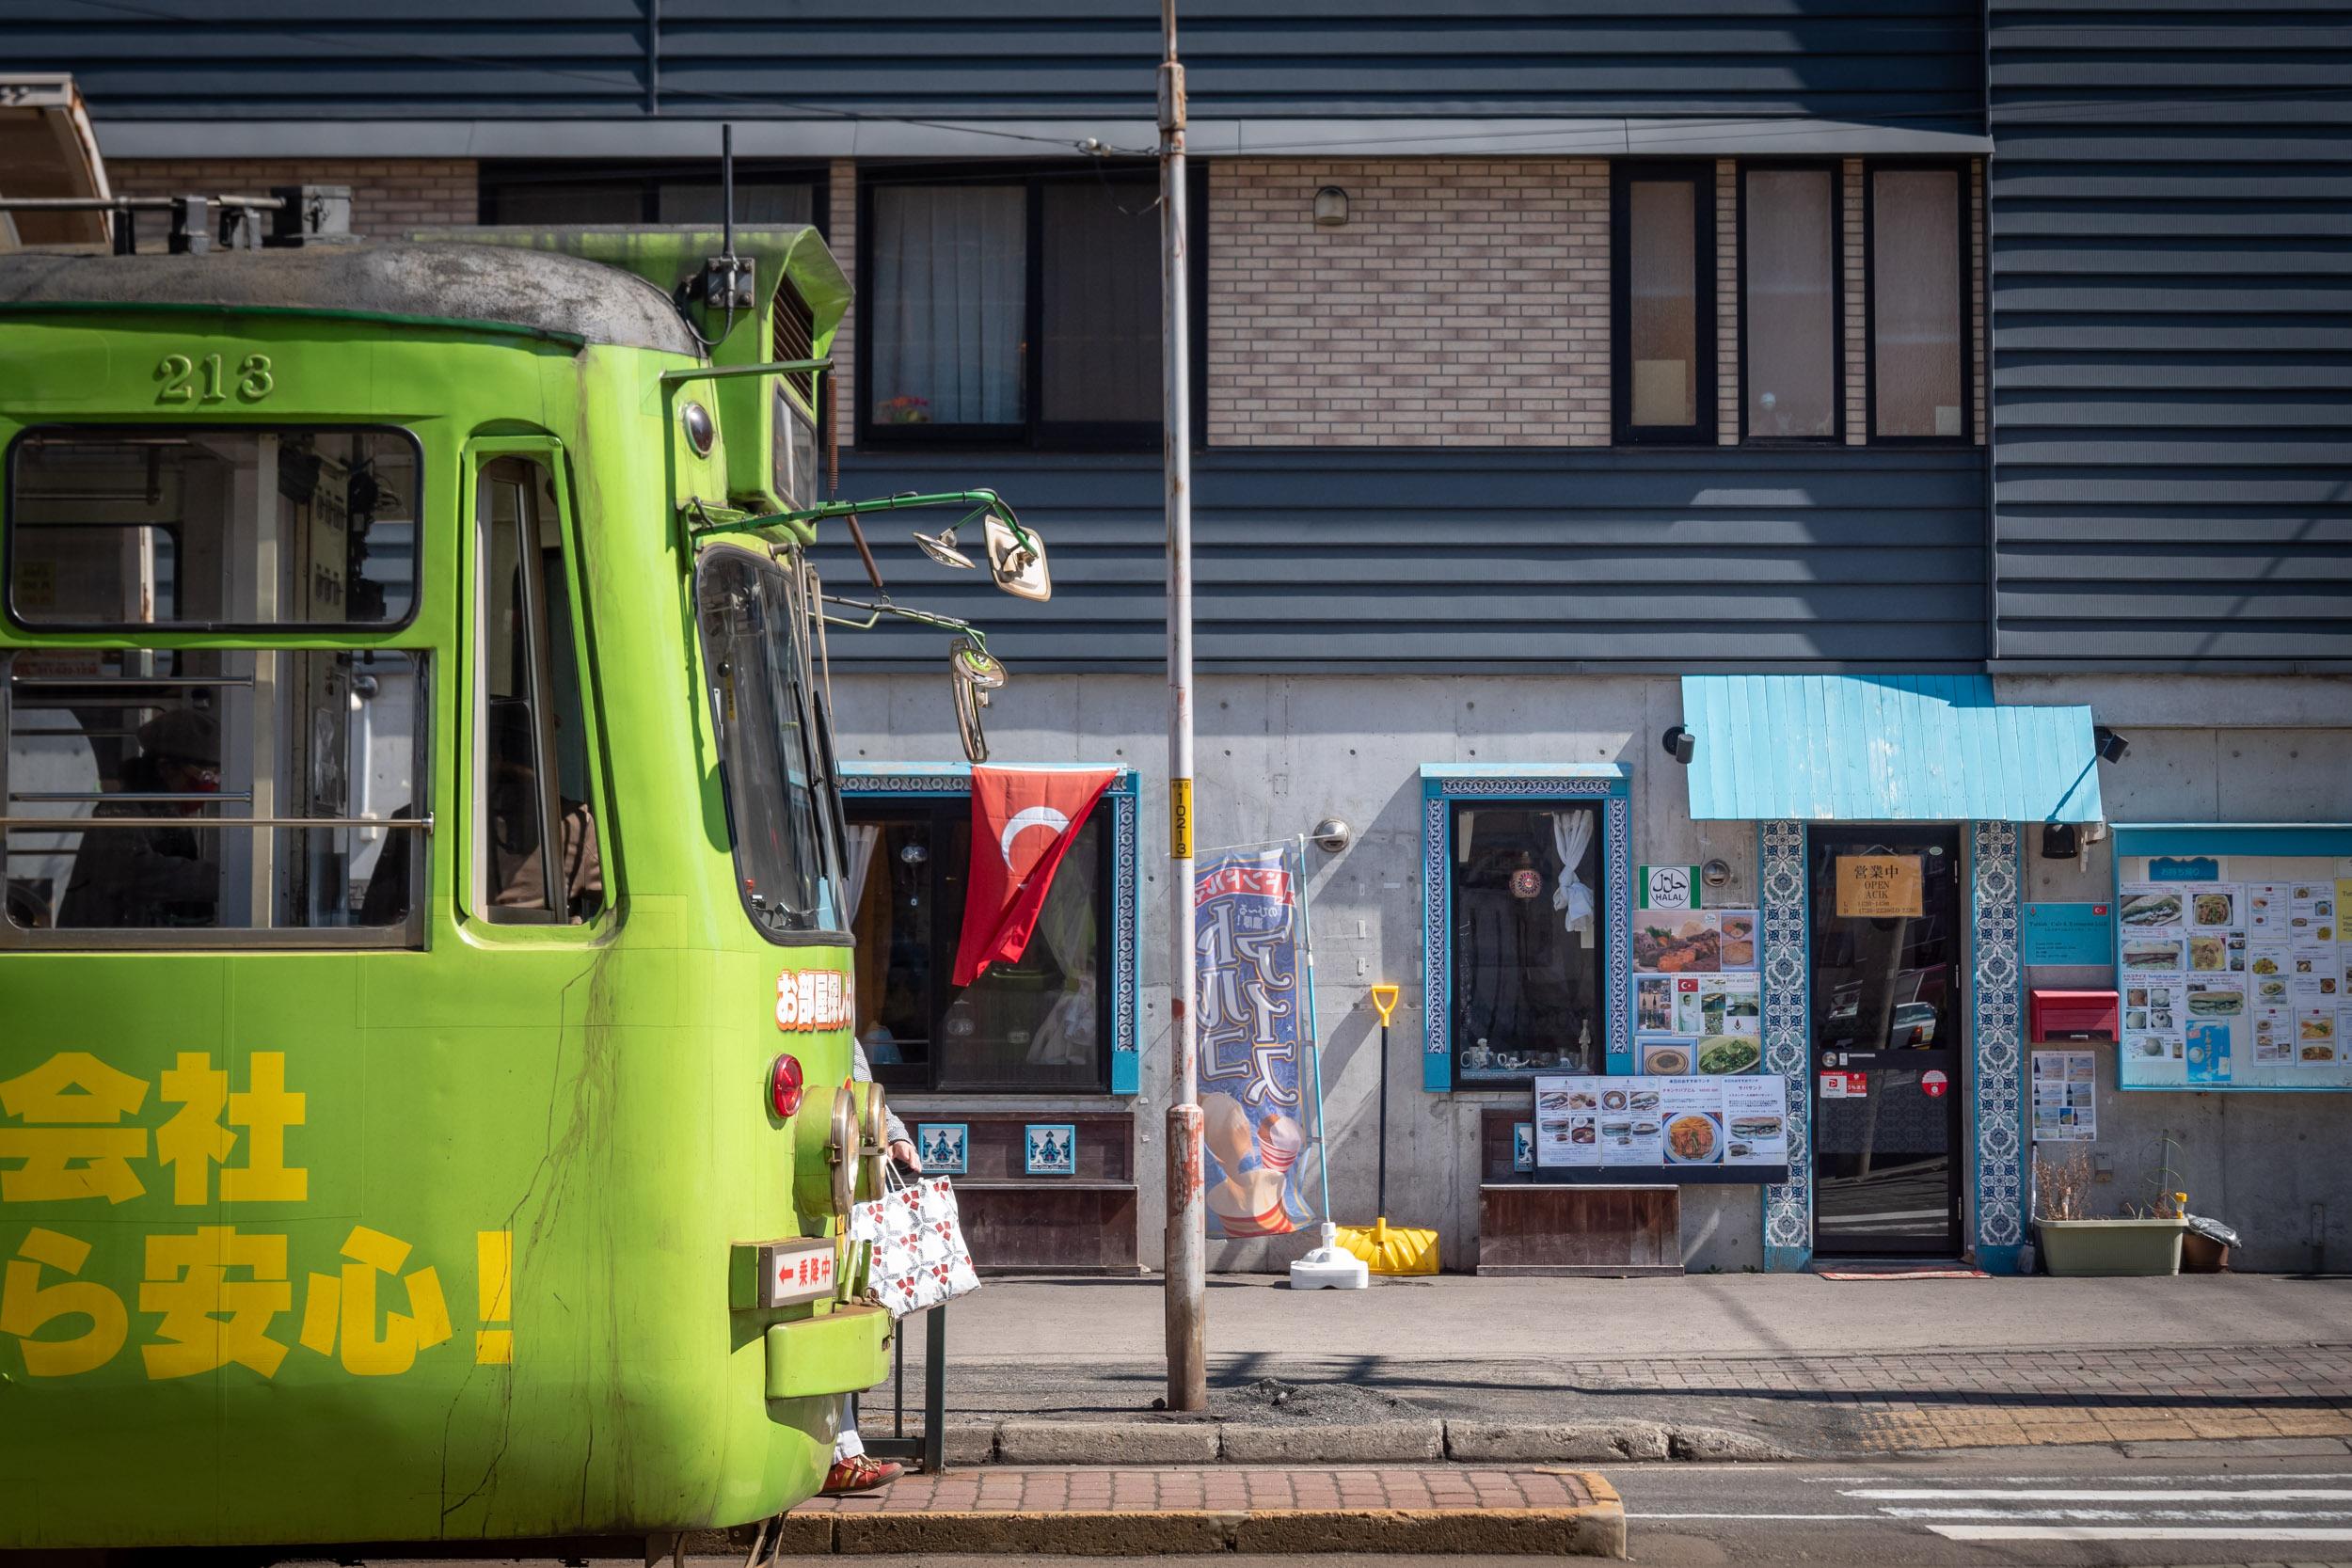 札幌市電西線6条駅でラーレをバックに停車中の路面電車 DMC-GX8 + LEICA DG 12-60mm